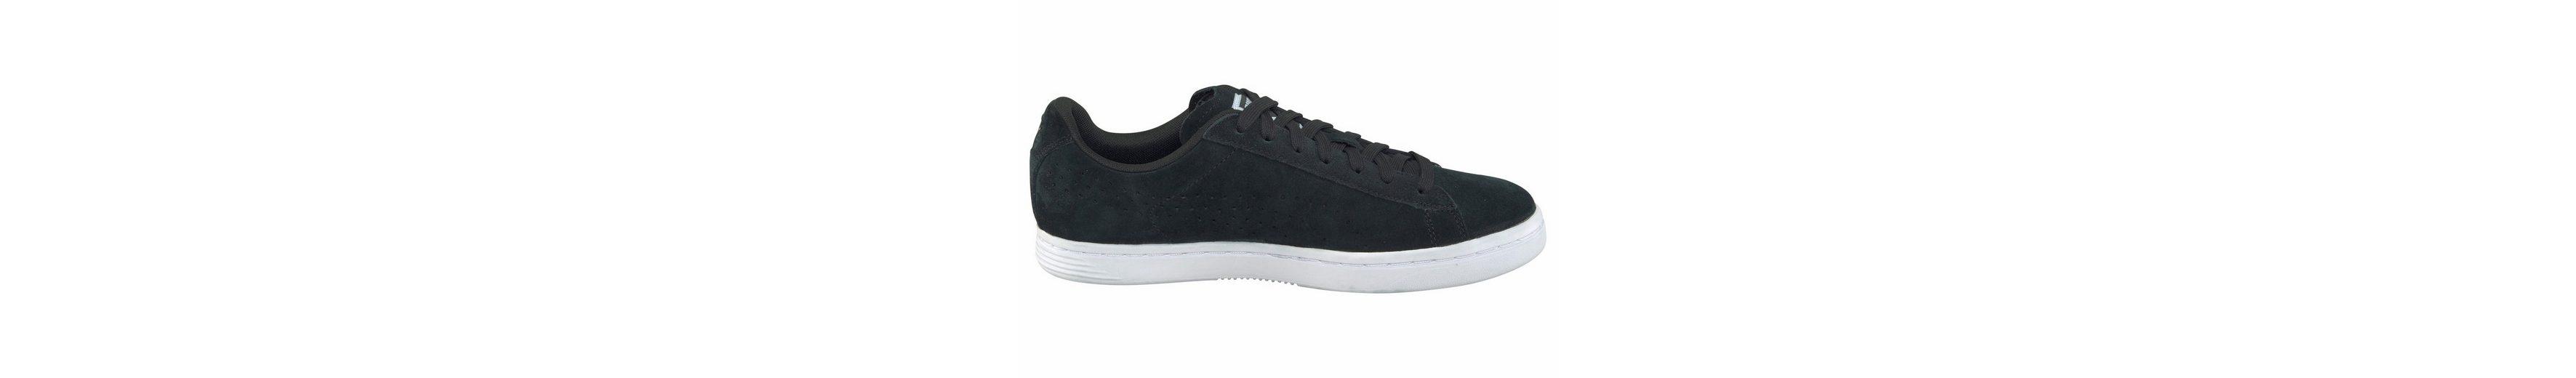 PUMA Court Star Suede Sneaker Online-Shopping Zum Verkauf Billig Verkauf Großhandelspreis I0kZFNn